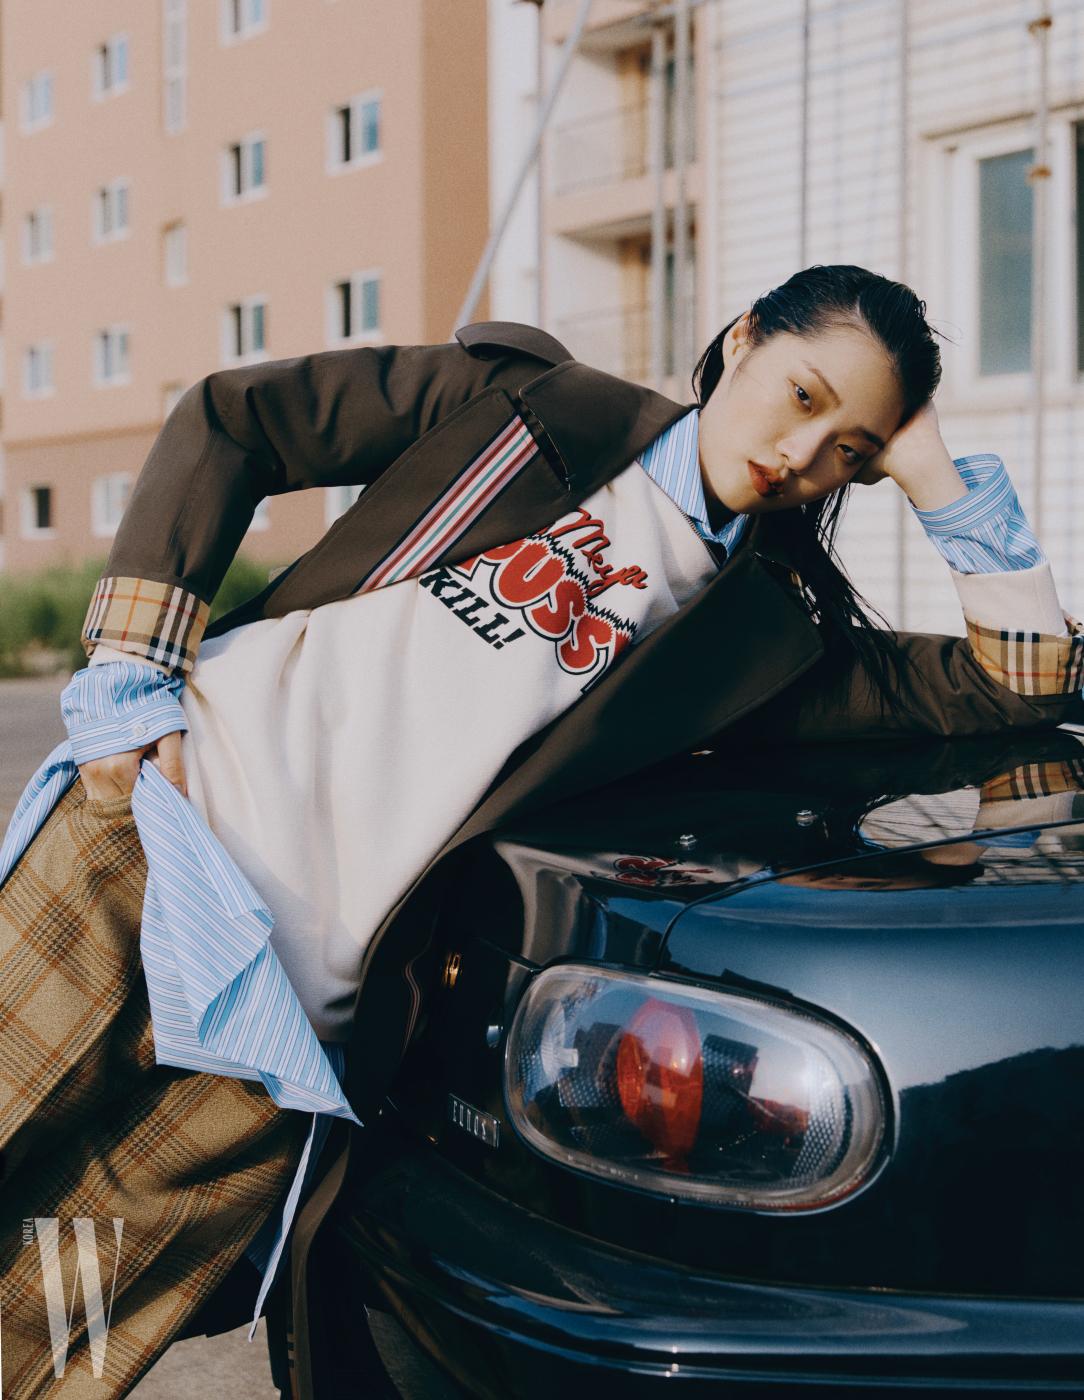 카키색 코트는 버버리 제품. 3백5만원. 줄무늬 셔츠, 로고 장식 스웨트셔츠, 체크무늬 팬츠는 구찌 제품. 모두 가격 미정.